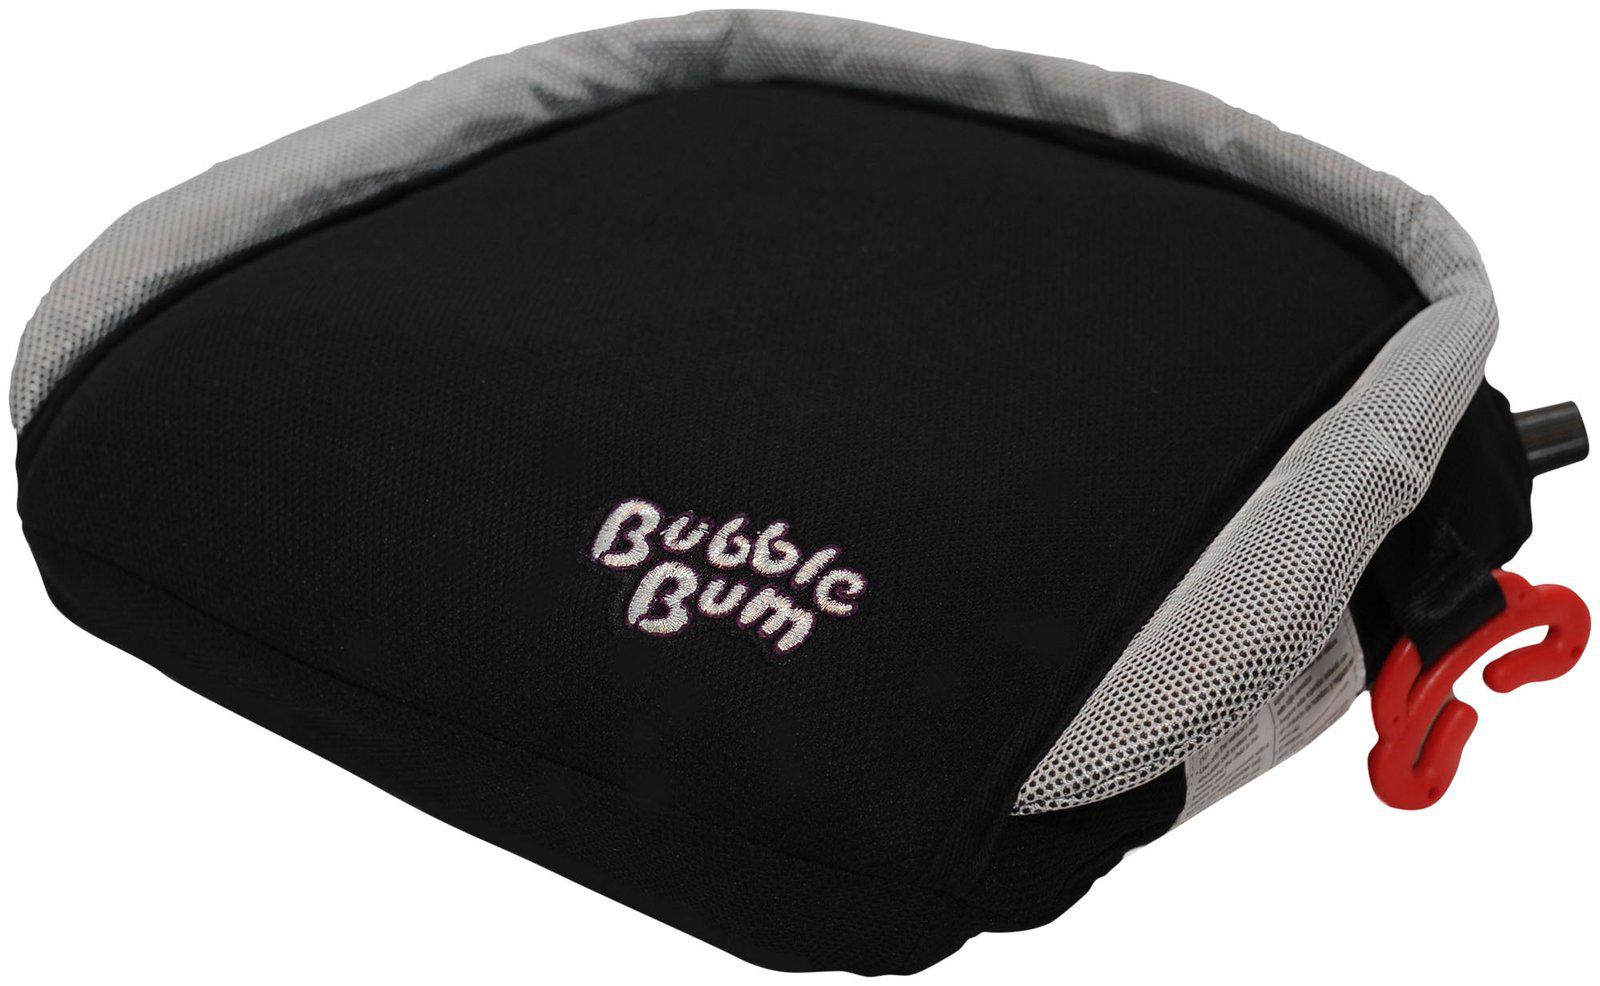 Réhausseur gonflable pour siège auto Bubble Bum noir ou violet (ou les 2 à prix intéressant)